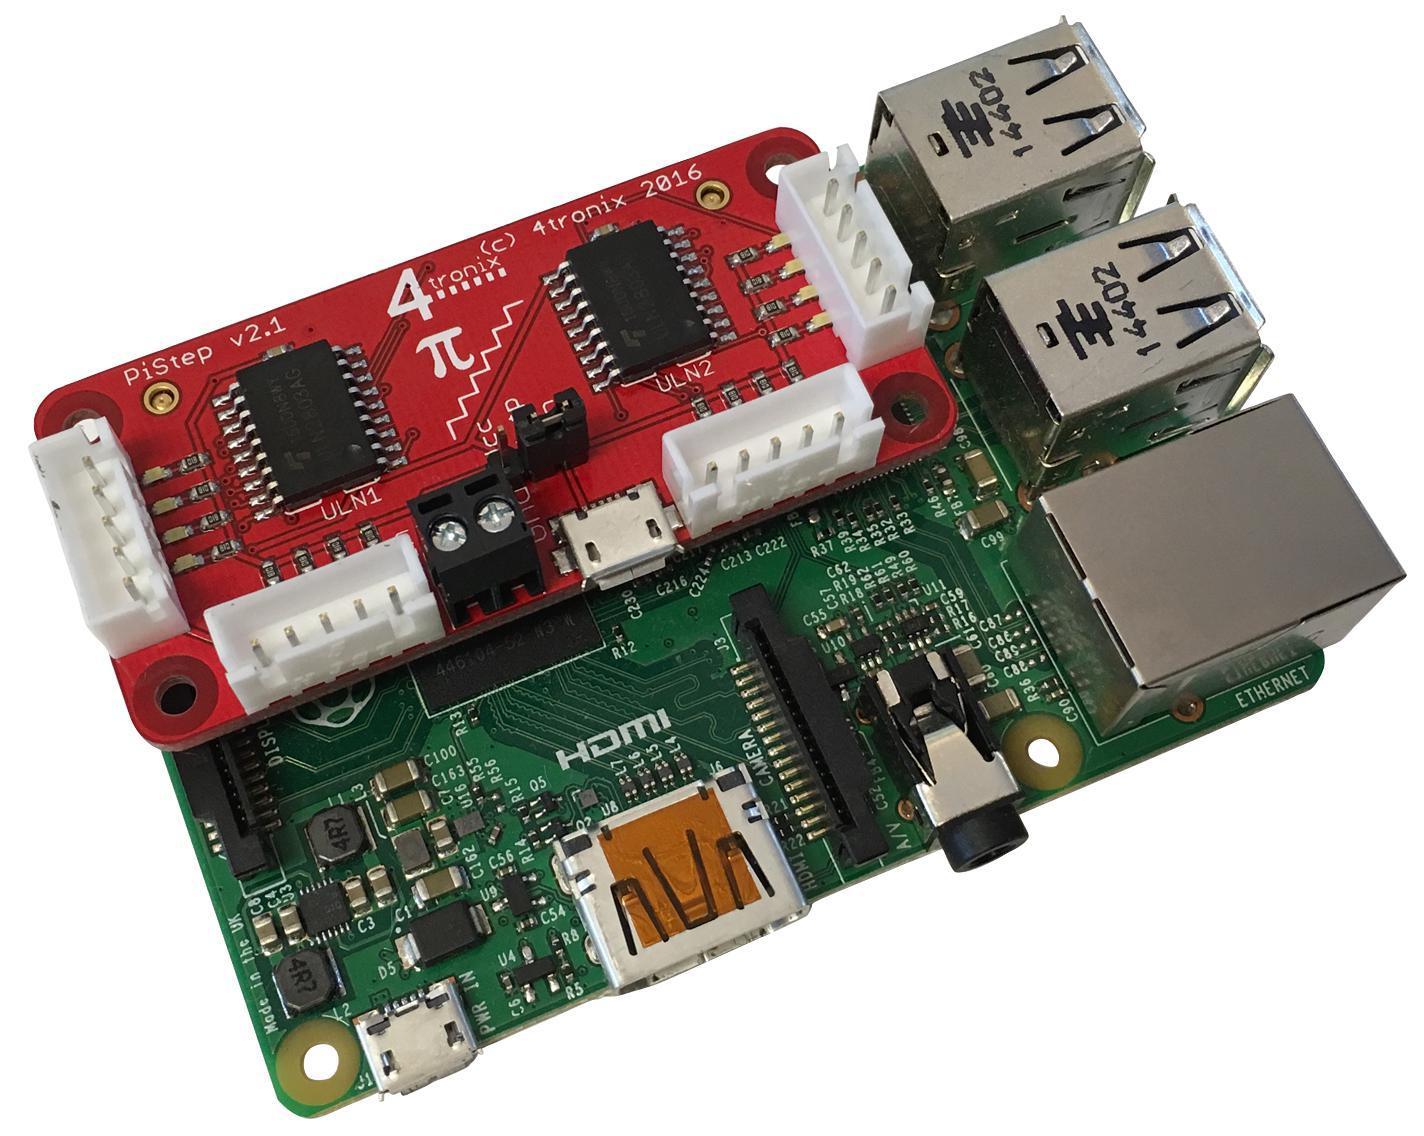 4tronix pistep2q quad stepper motor control board ebay for Stepper motor controller board